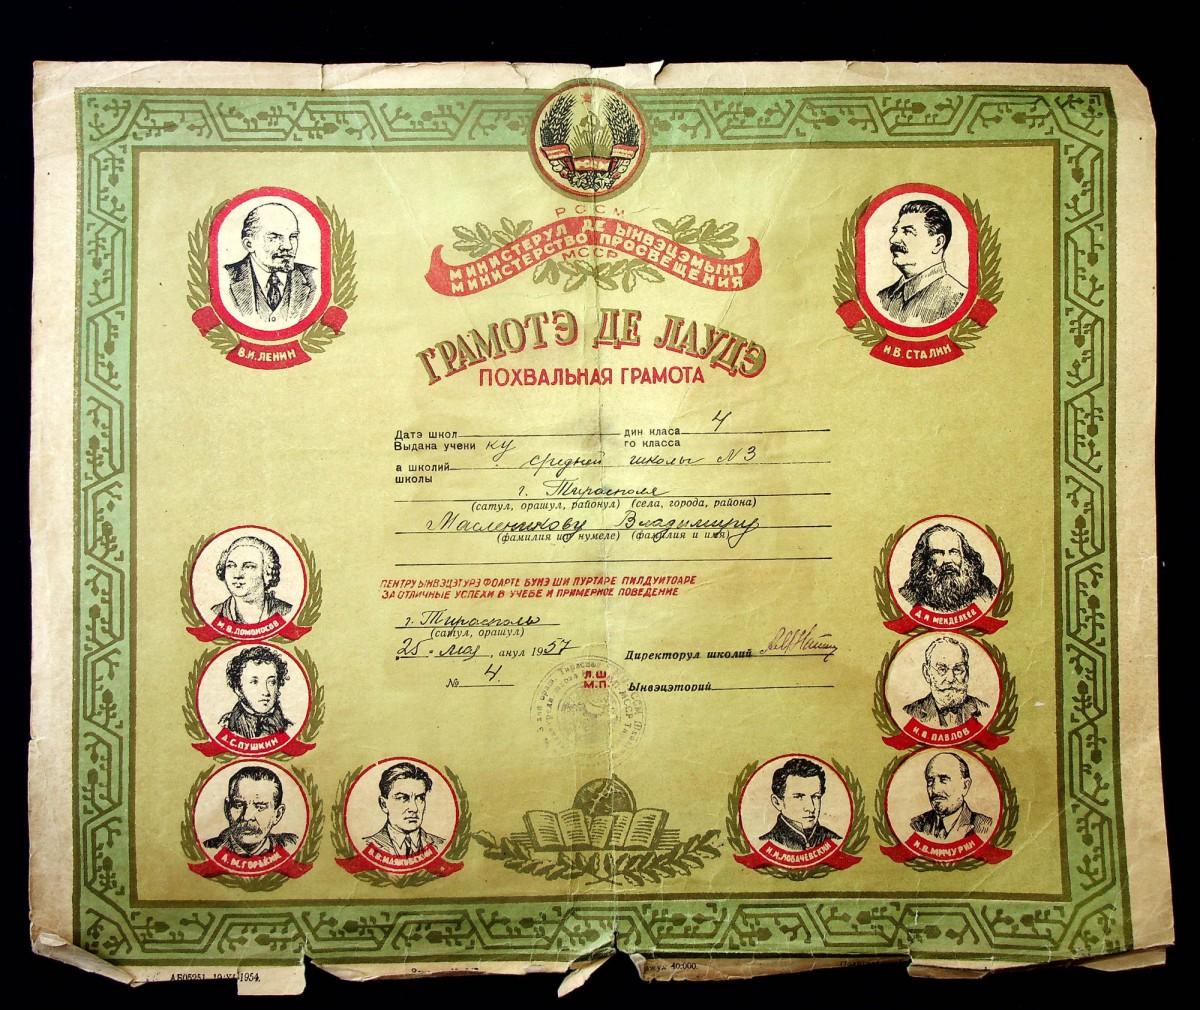 Похвальная грамота директора Тираспольской средней школы № 3 ученику 4-го класса В. Масленникову за отличные успехи в школе и примерное поведение. 25 мая 1957 года.